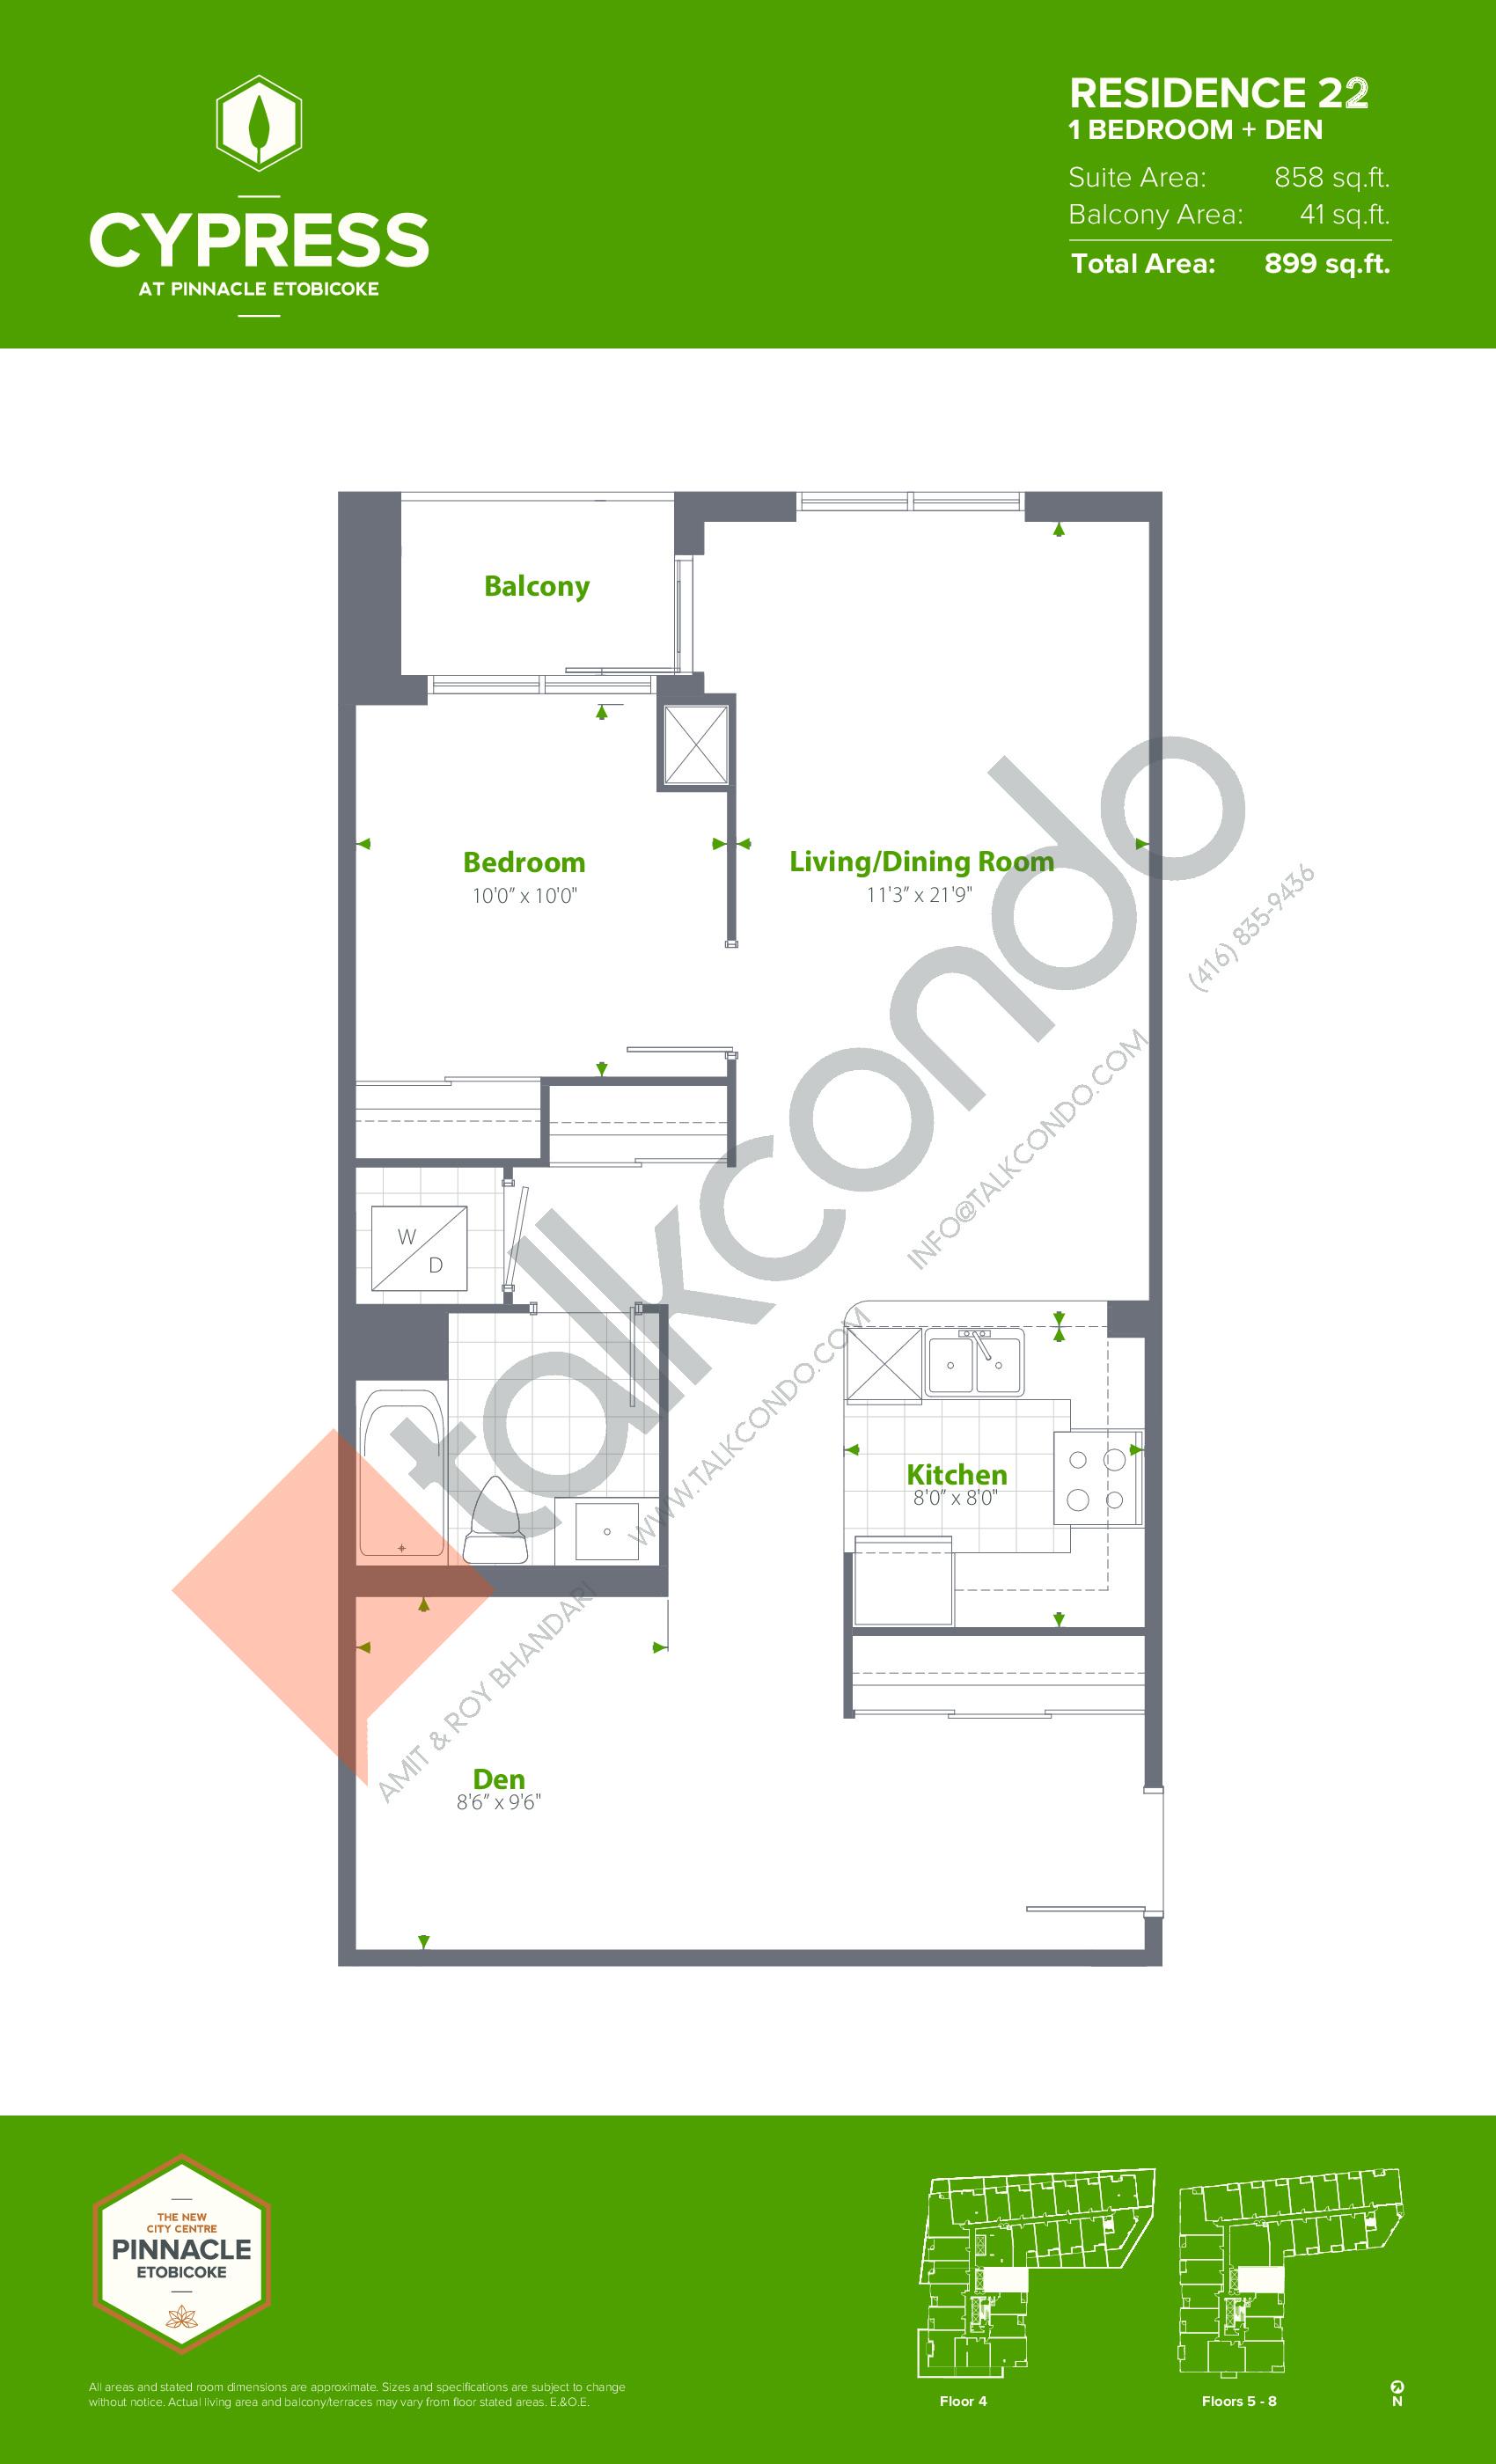 Residence 22 Floor Plan at Cypress at Pinnacle Etobicoke - 858 sq.ft